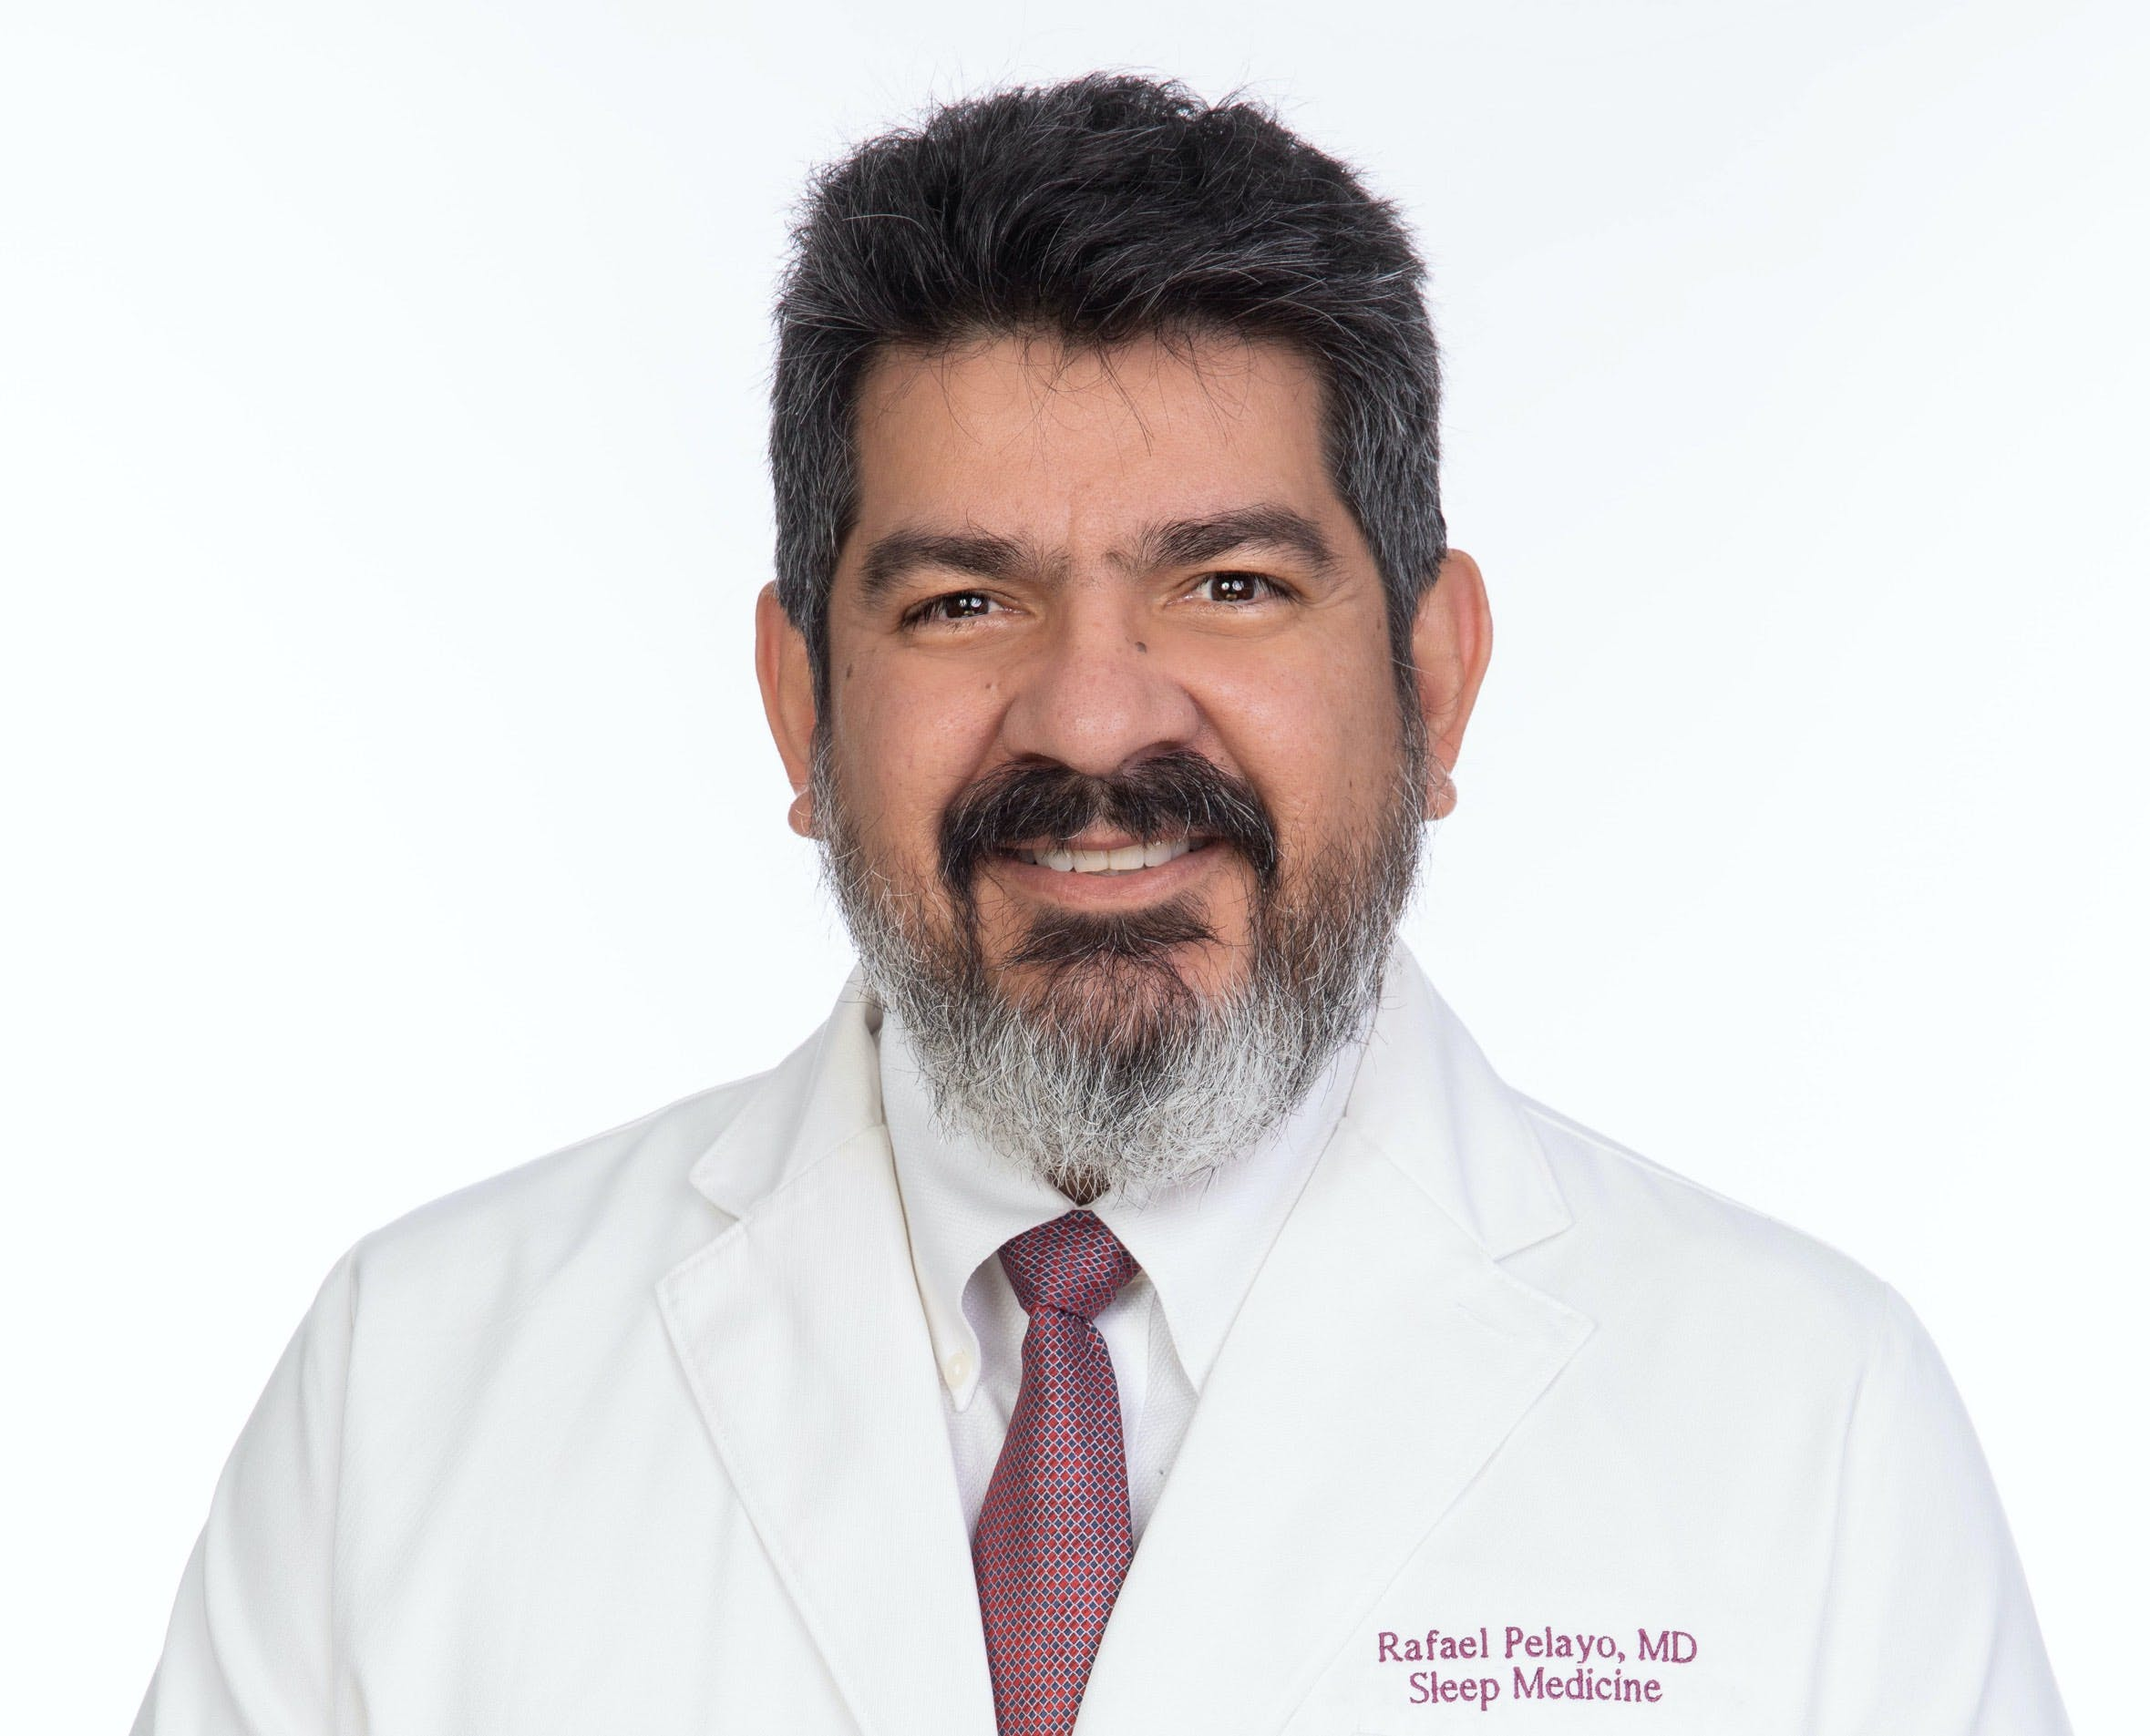 Dr. Rafael Pelayo, author of How to Sleep Photo copyright Christophe Testi